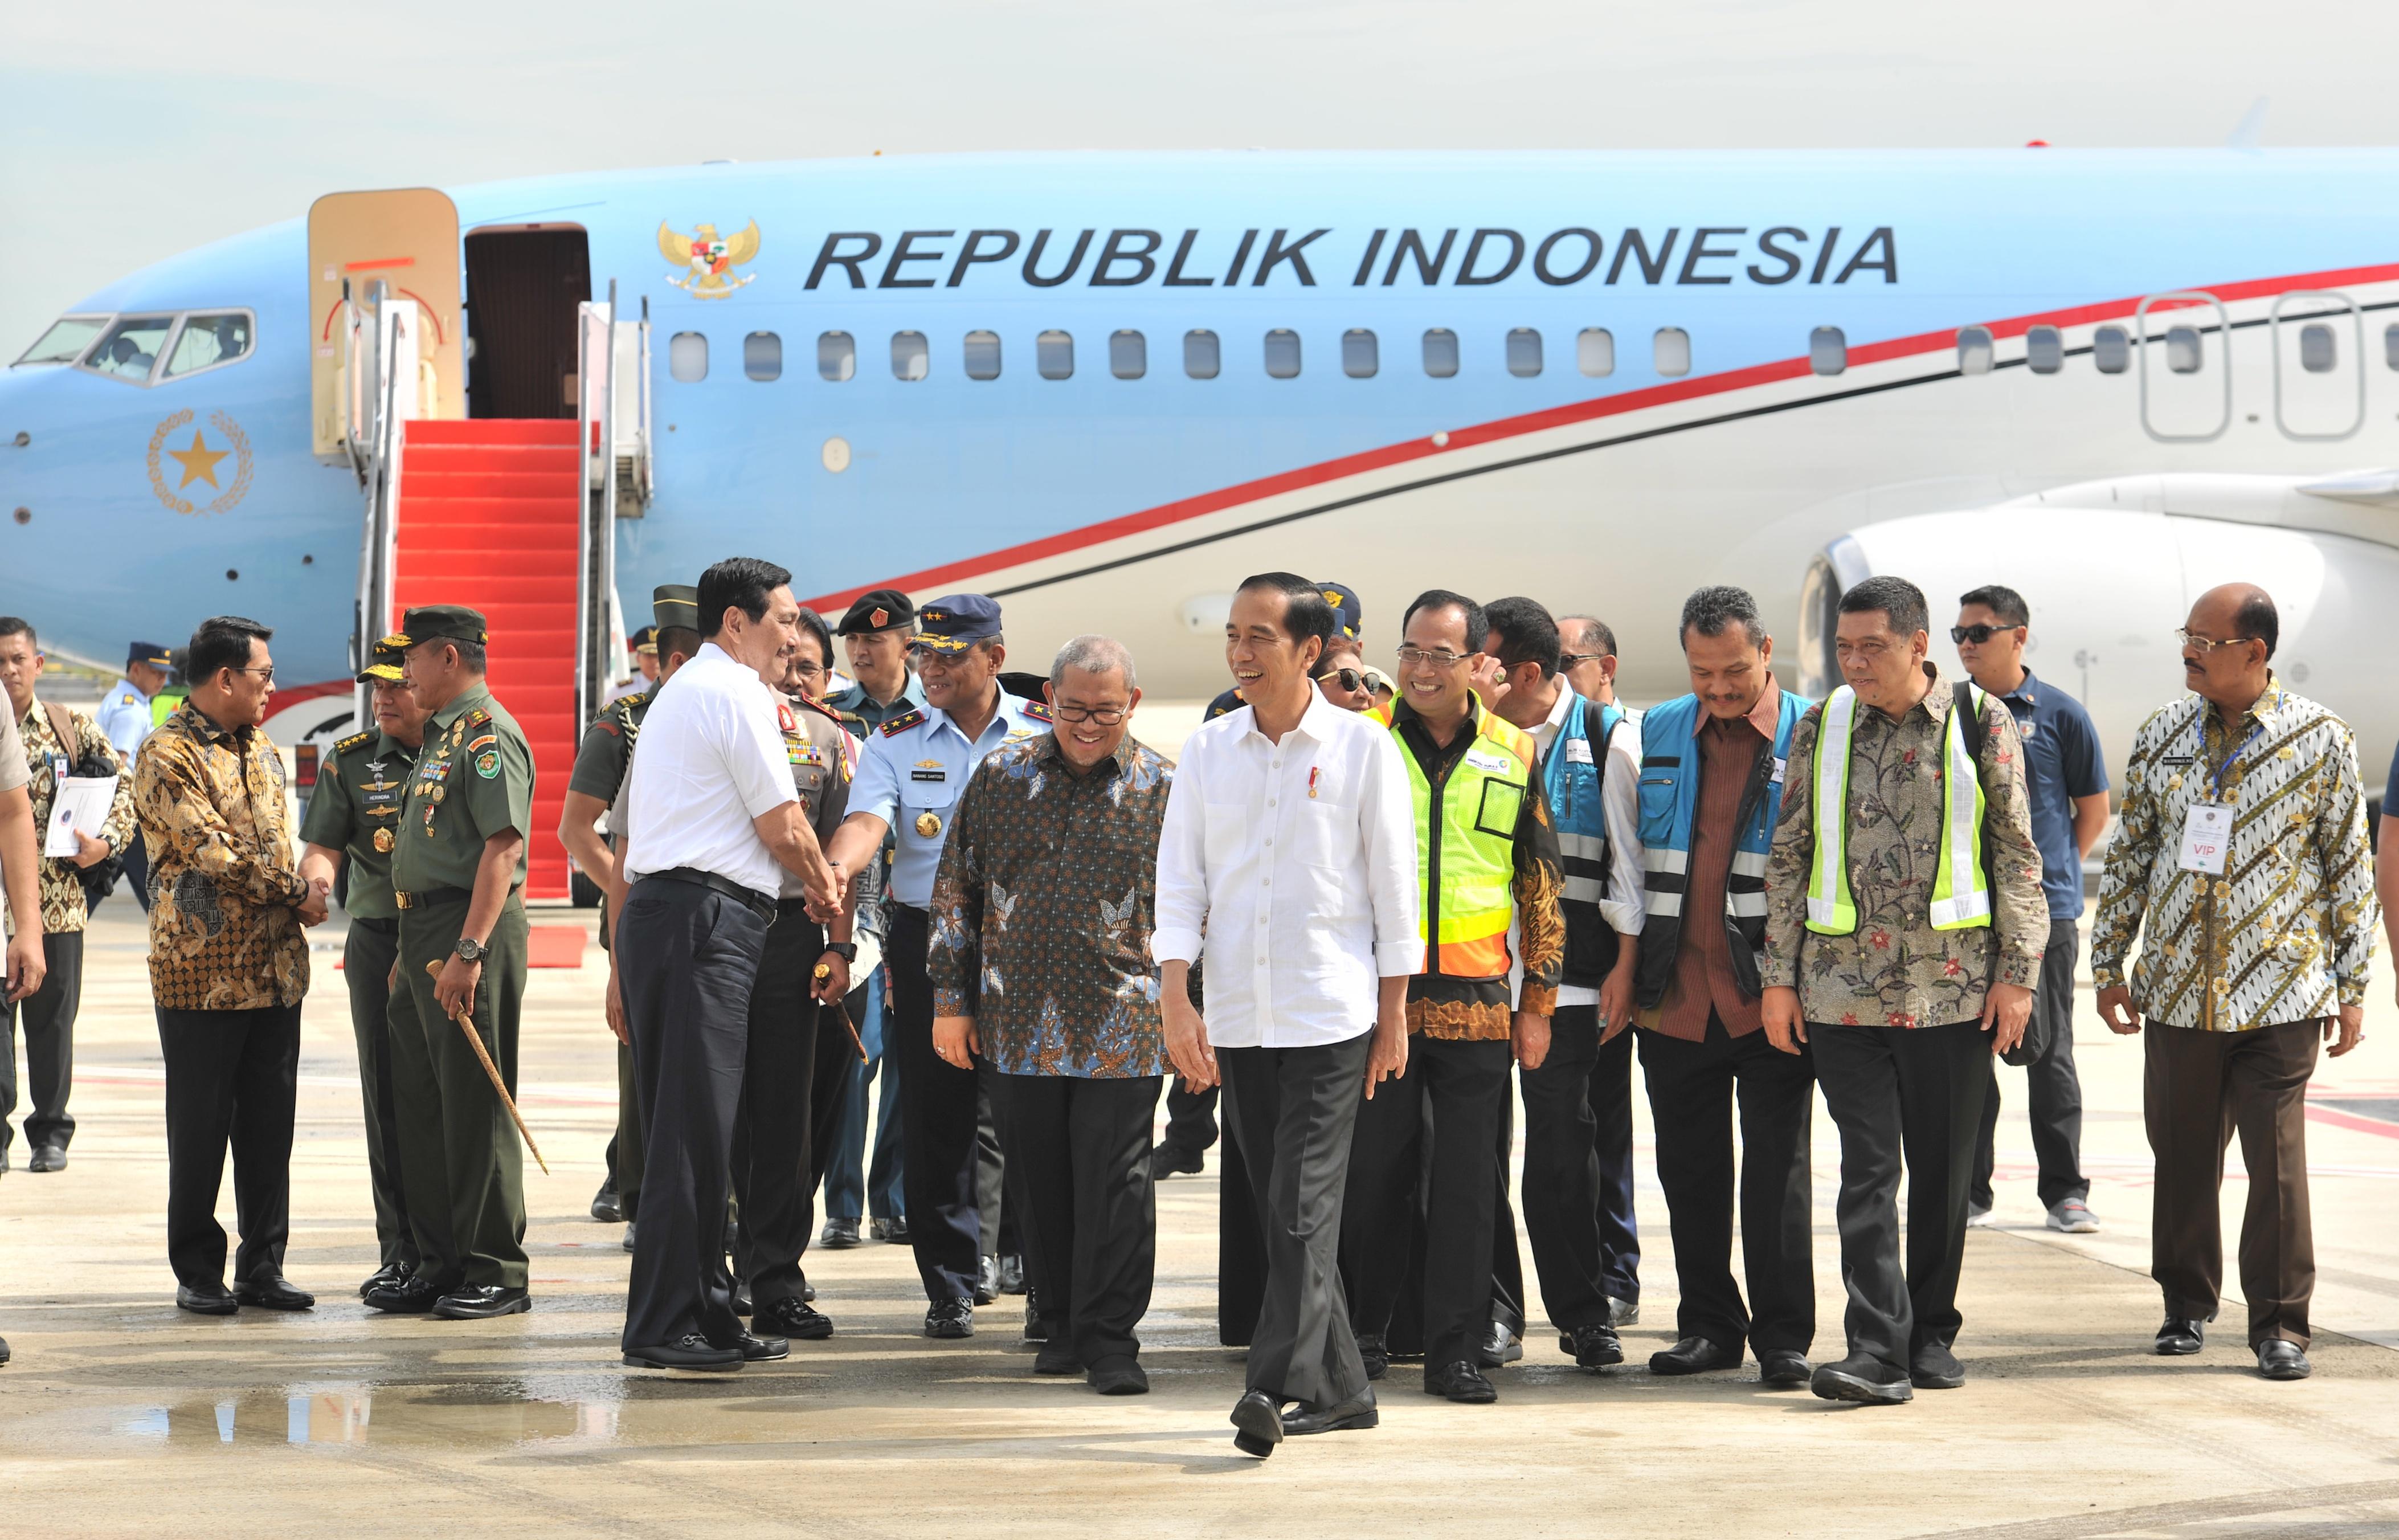 Bandara Lain Juga Dikejar, Presiden Jokowi: Bandara Kertajati Akan Diperbesar